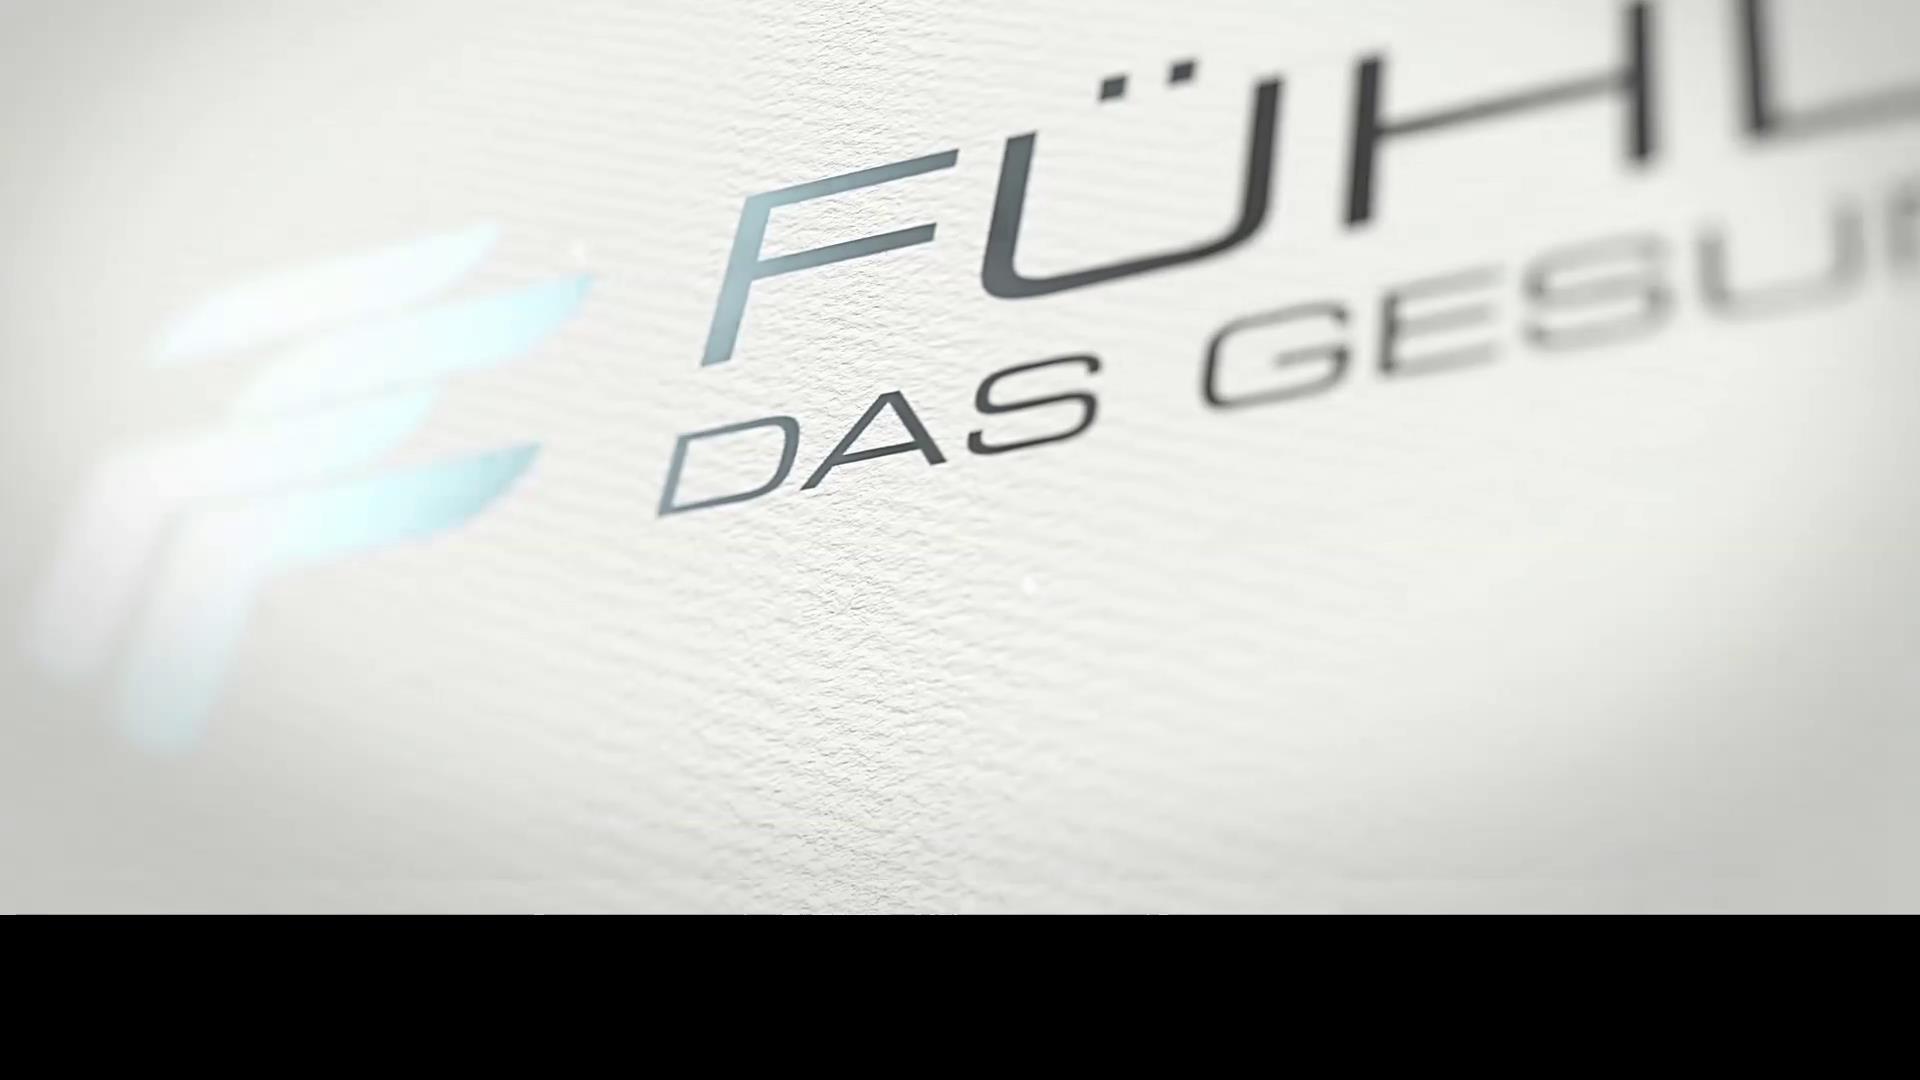 Kontakt | FÜHLBAR fit - DAS GESUNDHEITSSTUDIO